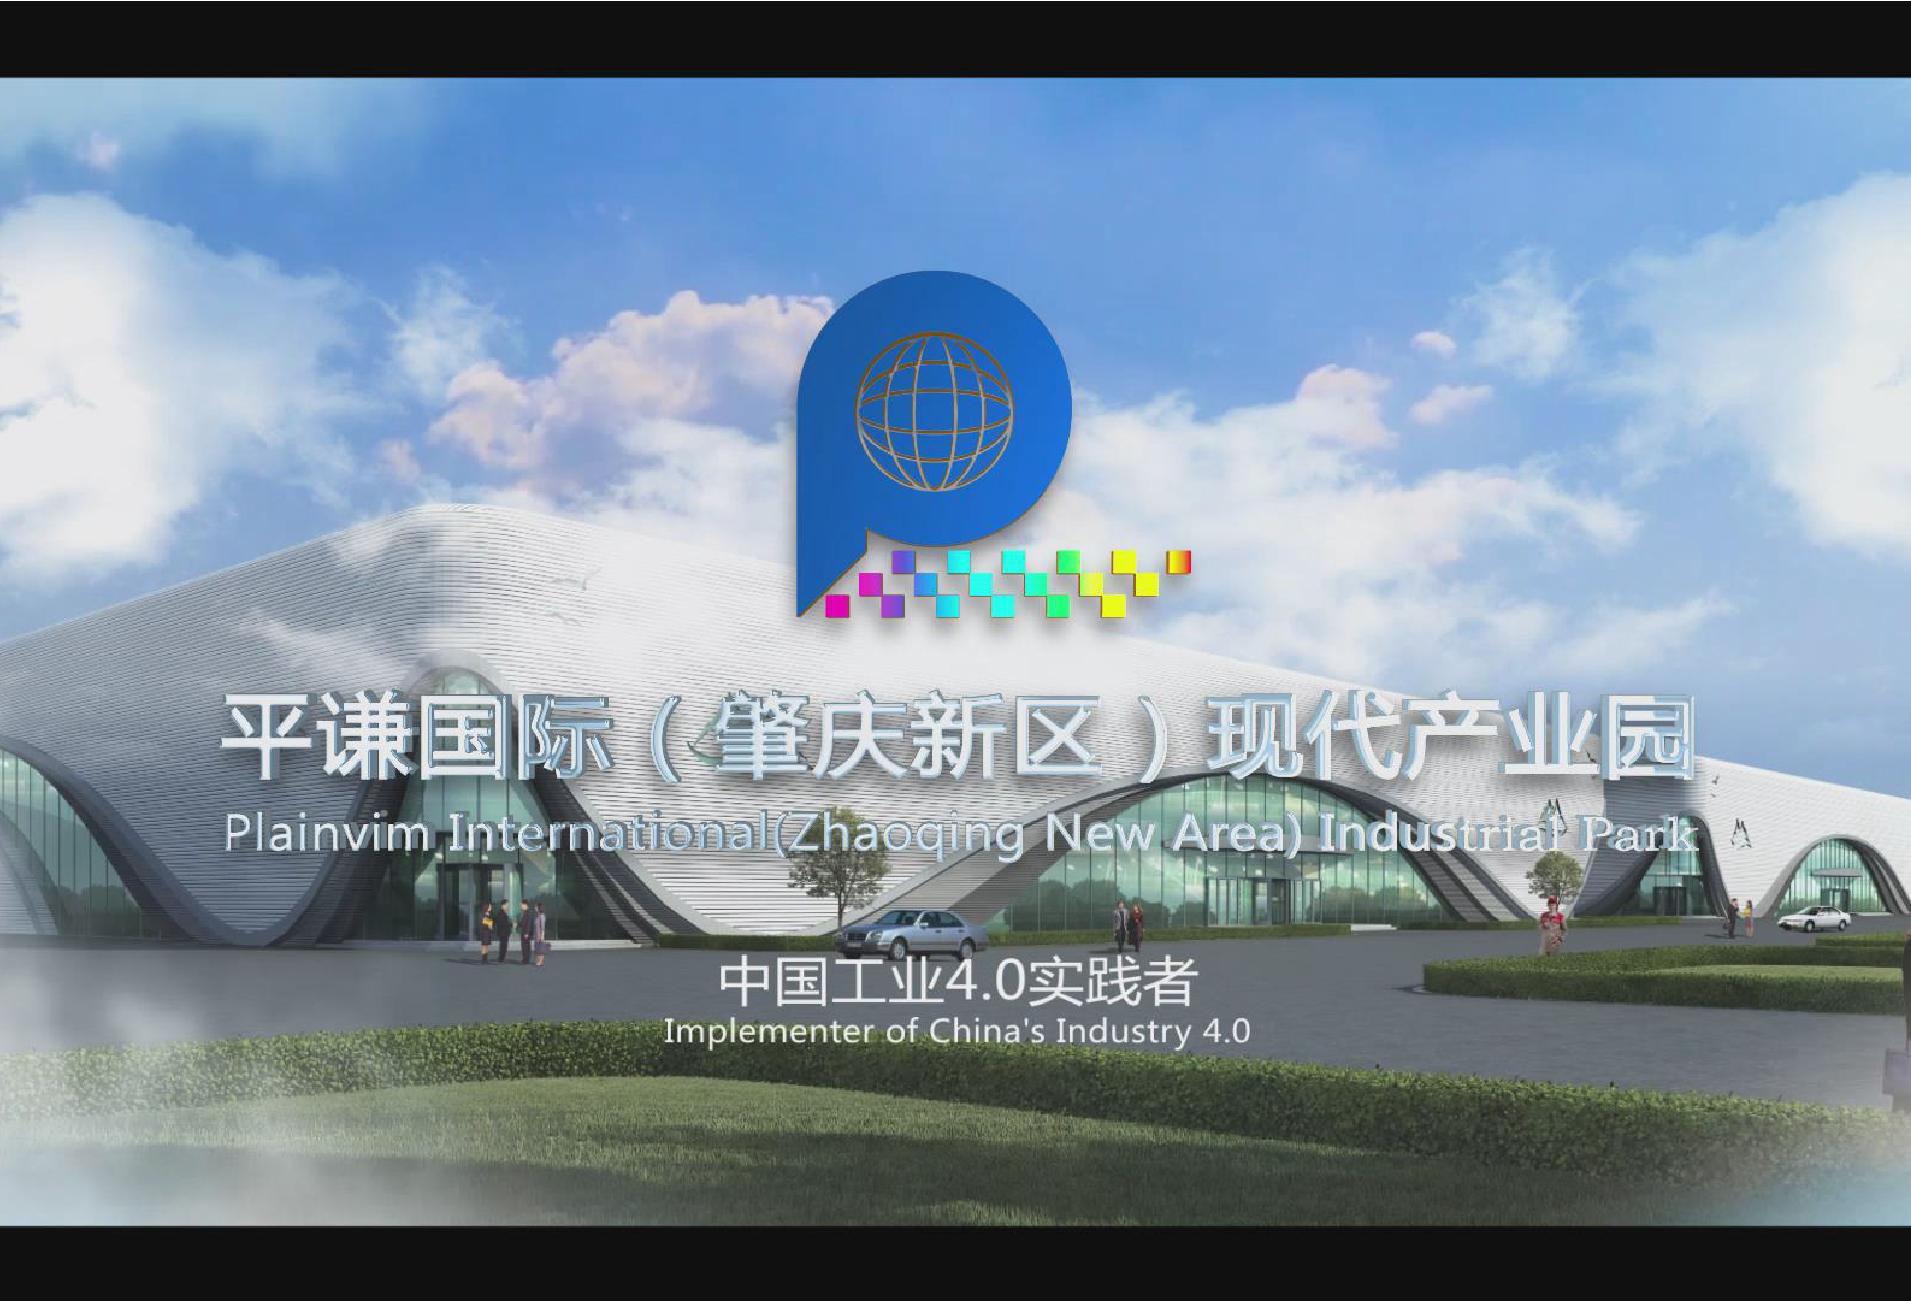 視覺動力為平謙國際(肇慶新區)現代產業園提供視頻制作服務